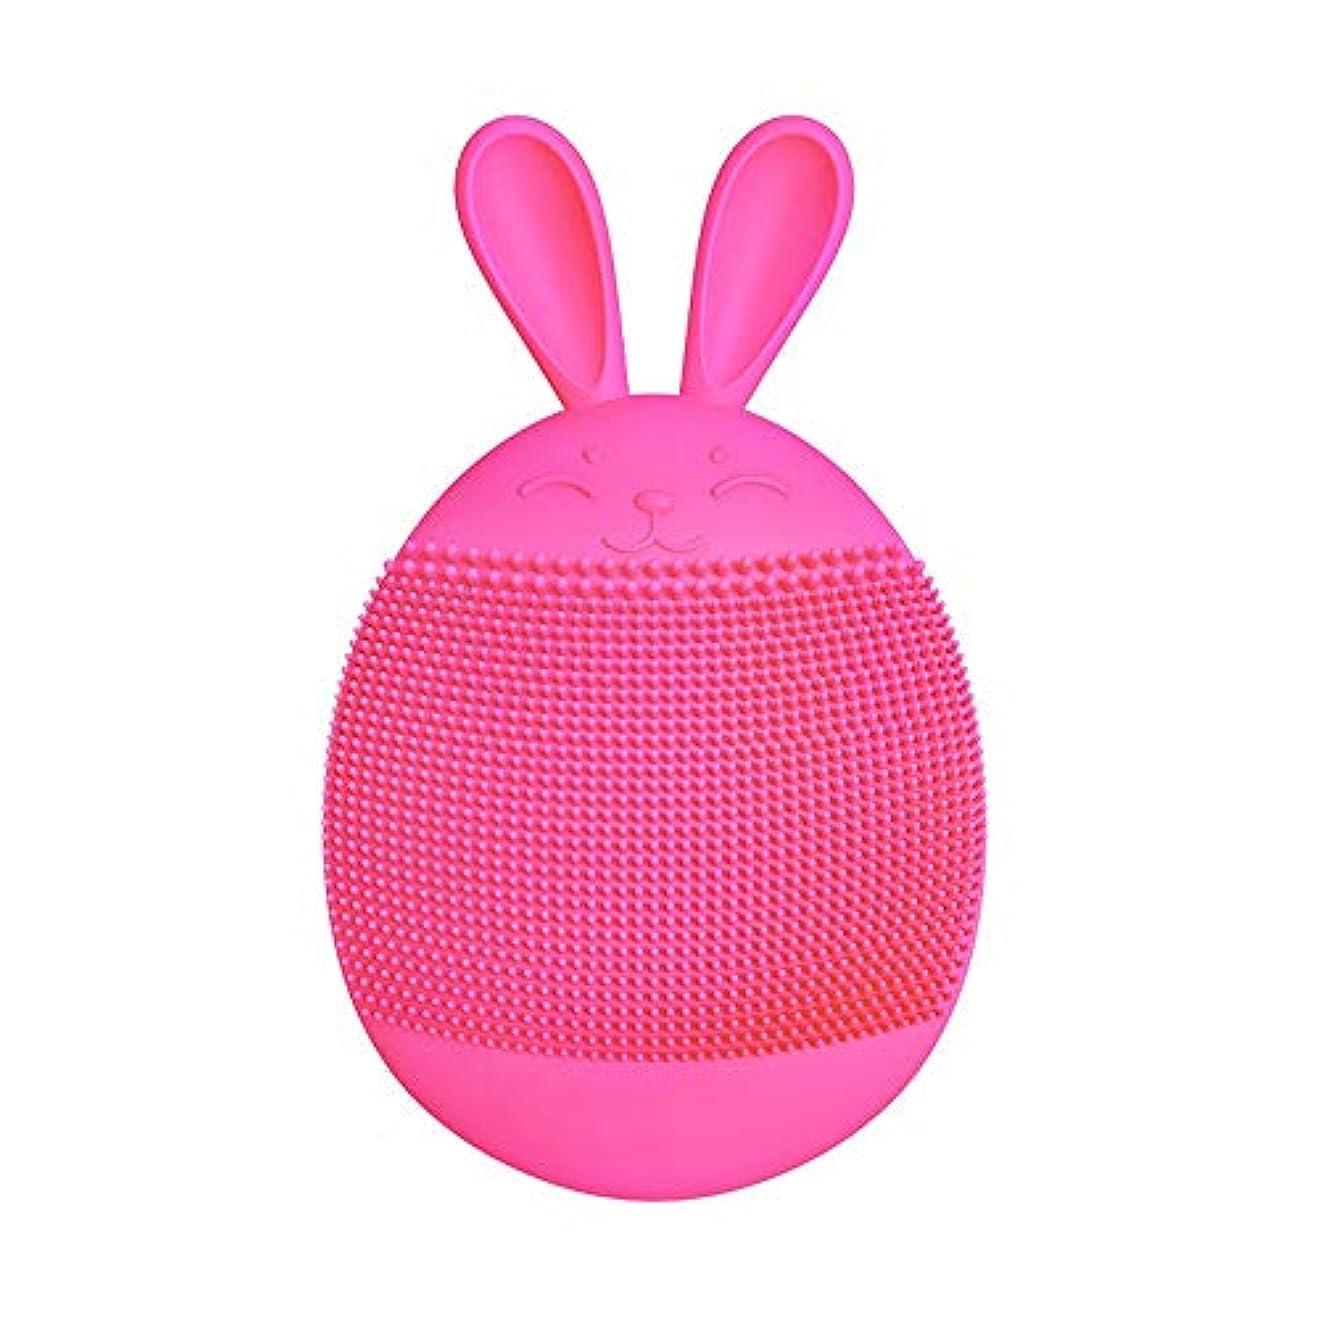 攻撃的トリクルこしょうZXF 超音波電動シリコーン洗顔器ポア洗顔洗顔ピンクレッド 滑らかである (色 : Red)